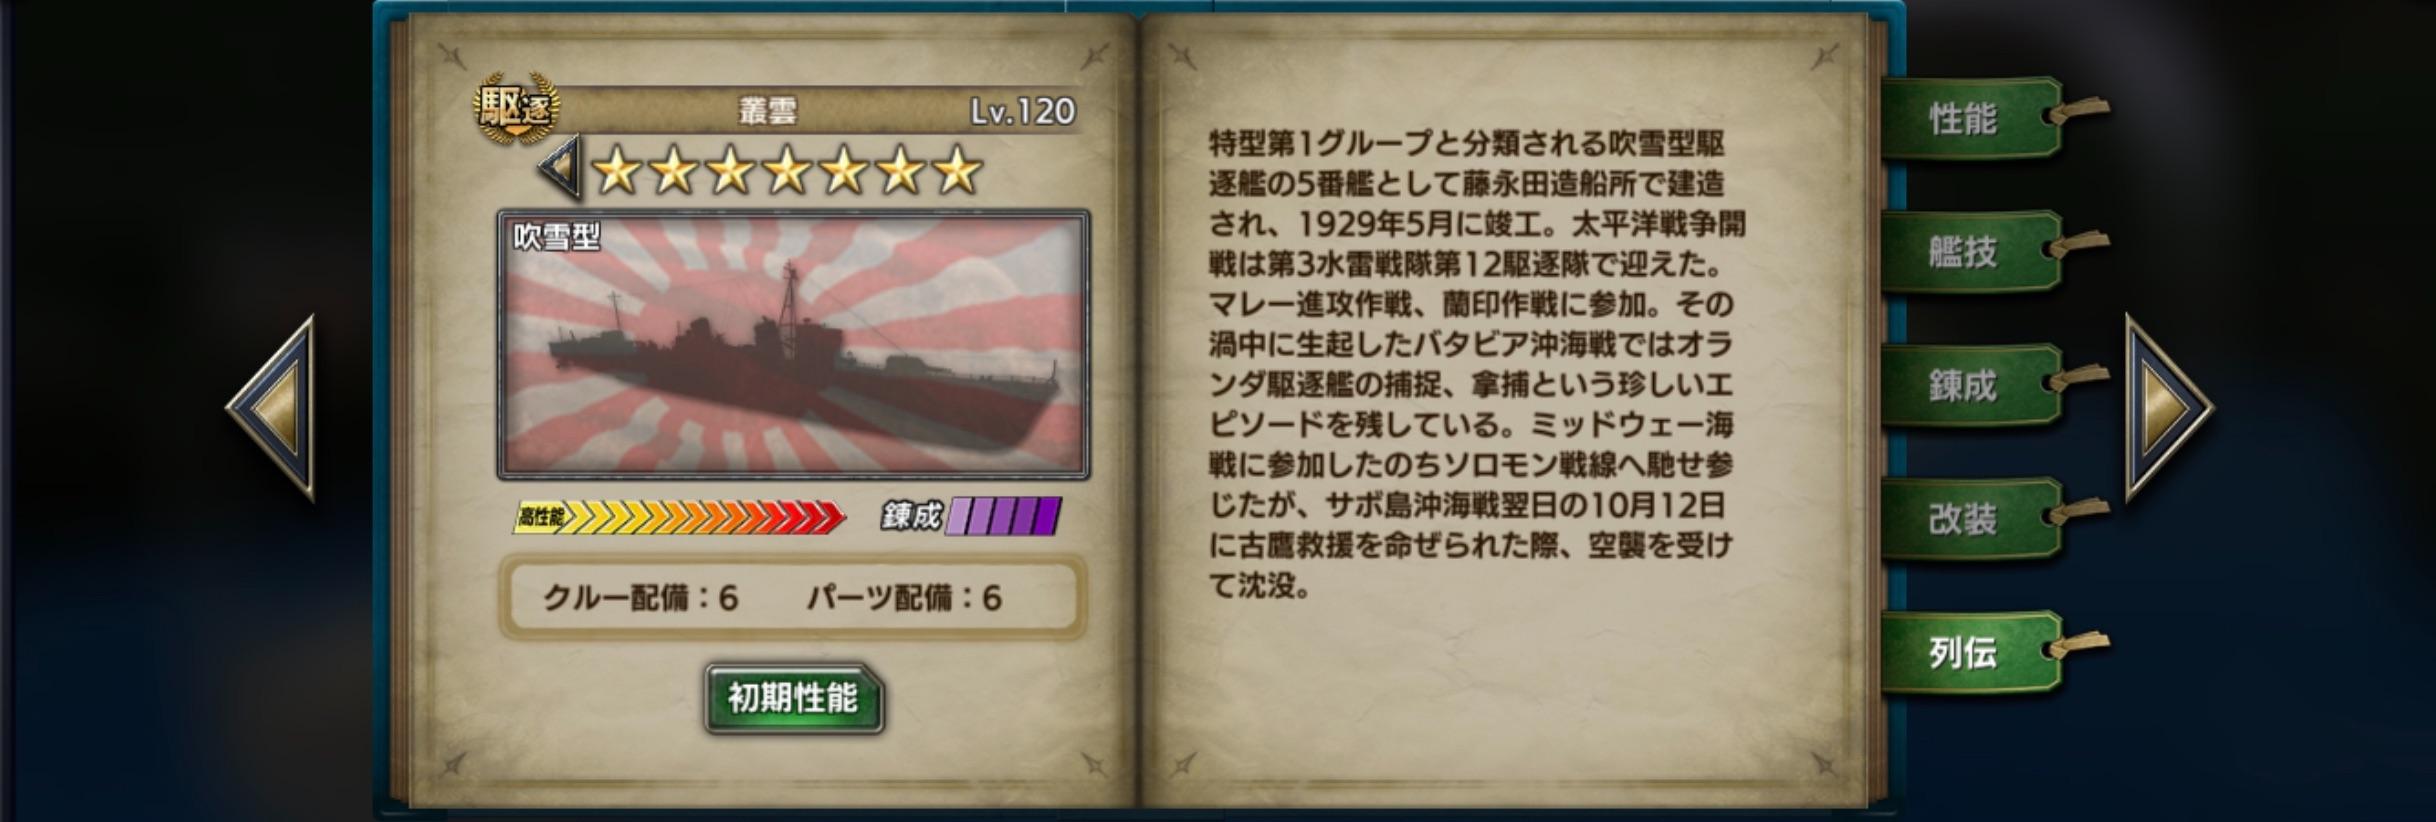 Murakumo-history